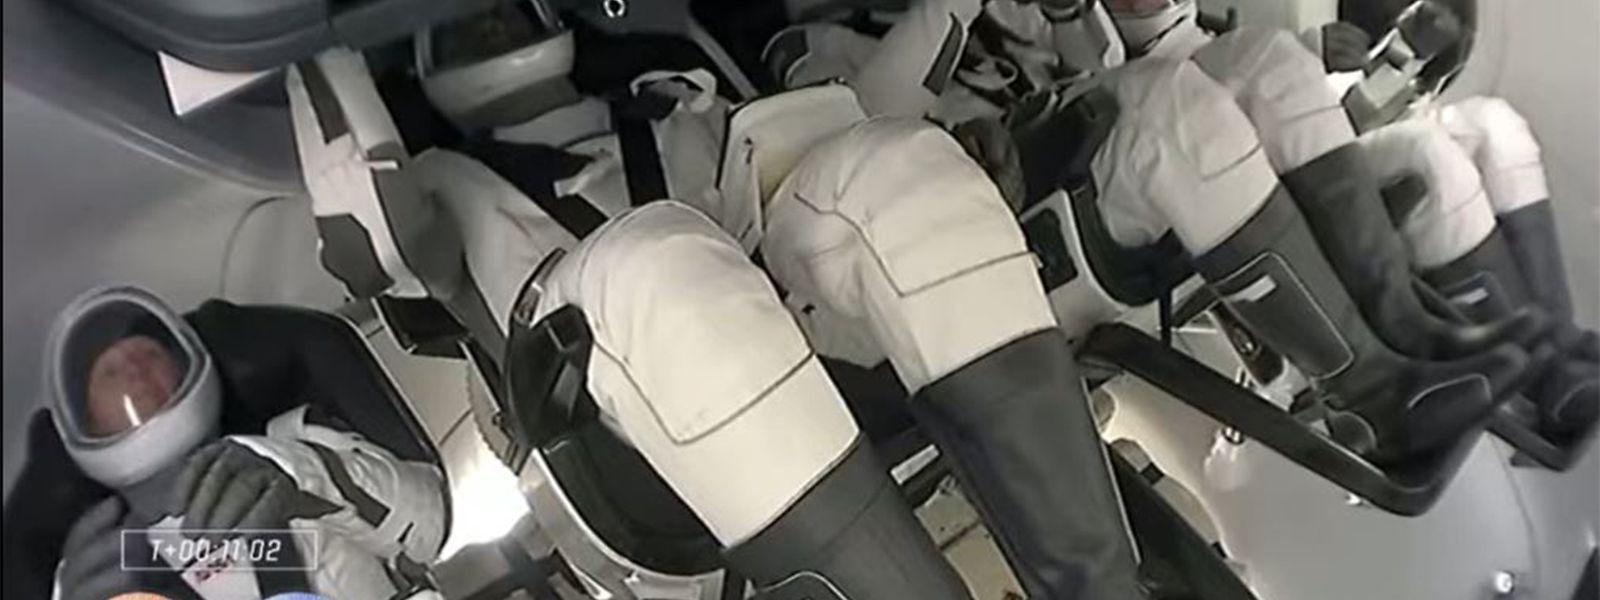 Les astronautes, qui rejoignent dans la station deux Russes et une Américaine, resteront six mois dans le laboratoire orbital, filant autour de la Terre à 400 km au-dessus des océans.